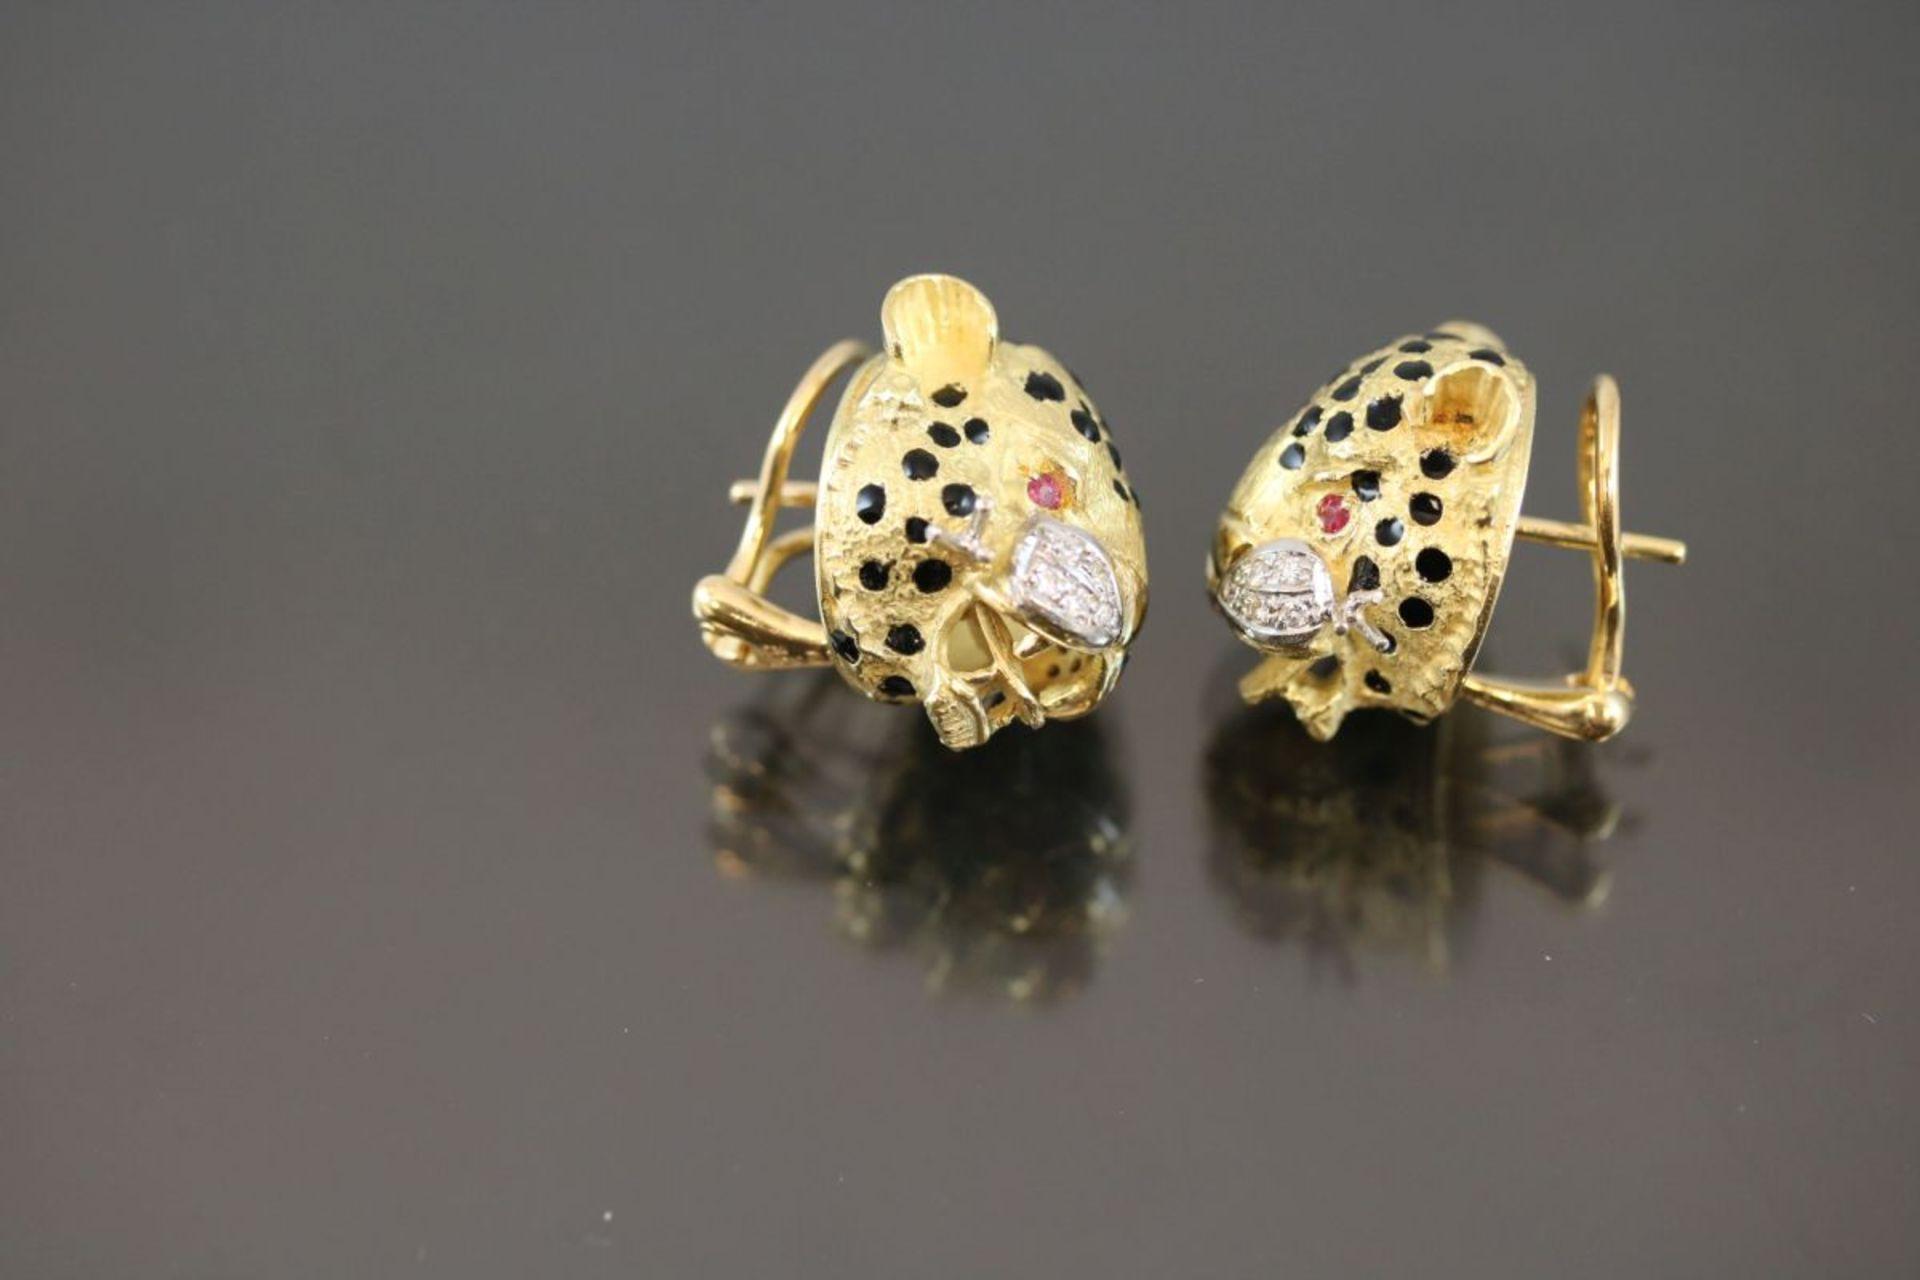 Leoparden-Ohrstecker, 750 Gold25,57 Gramm 20 Brillanten, 0,20 ct., w/p1. Augen sind mit Rubine - Bild 2 aus 2